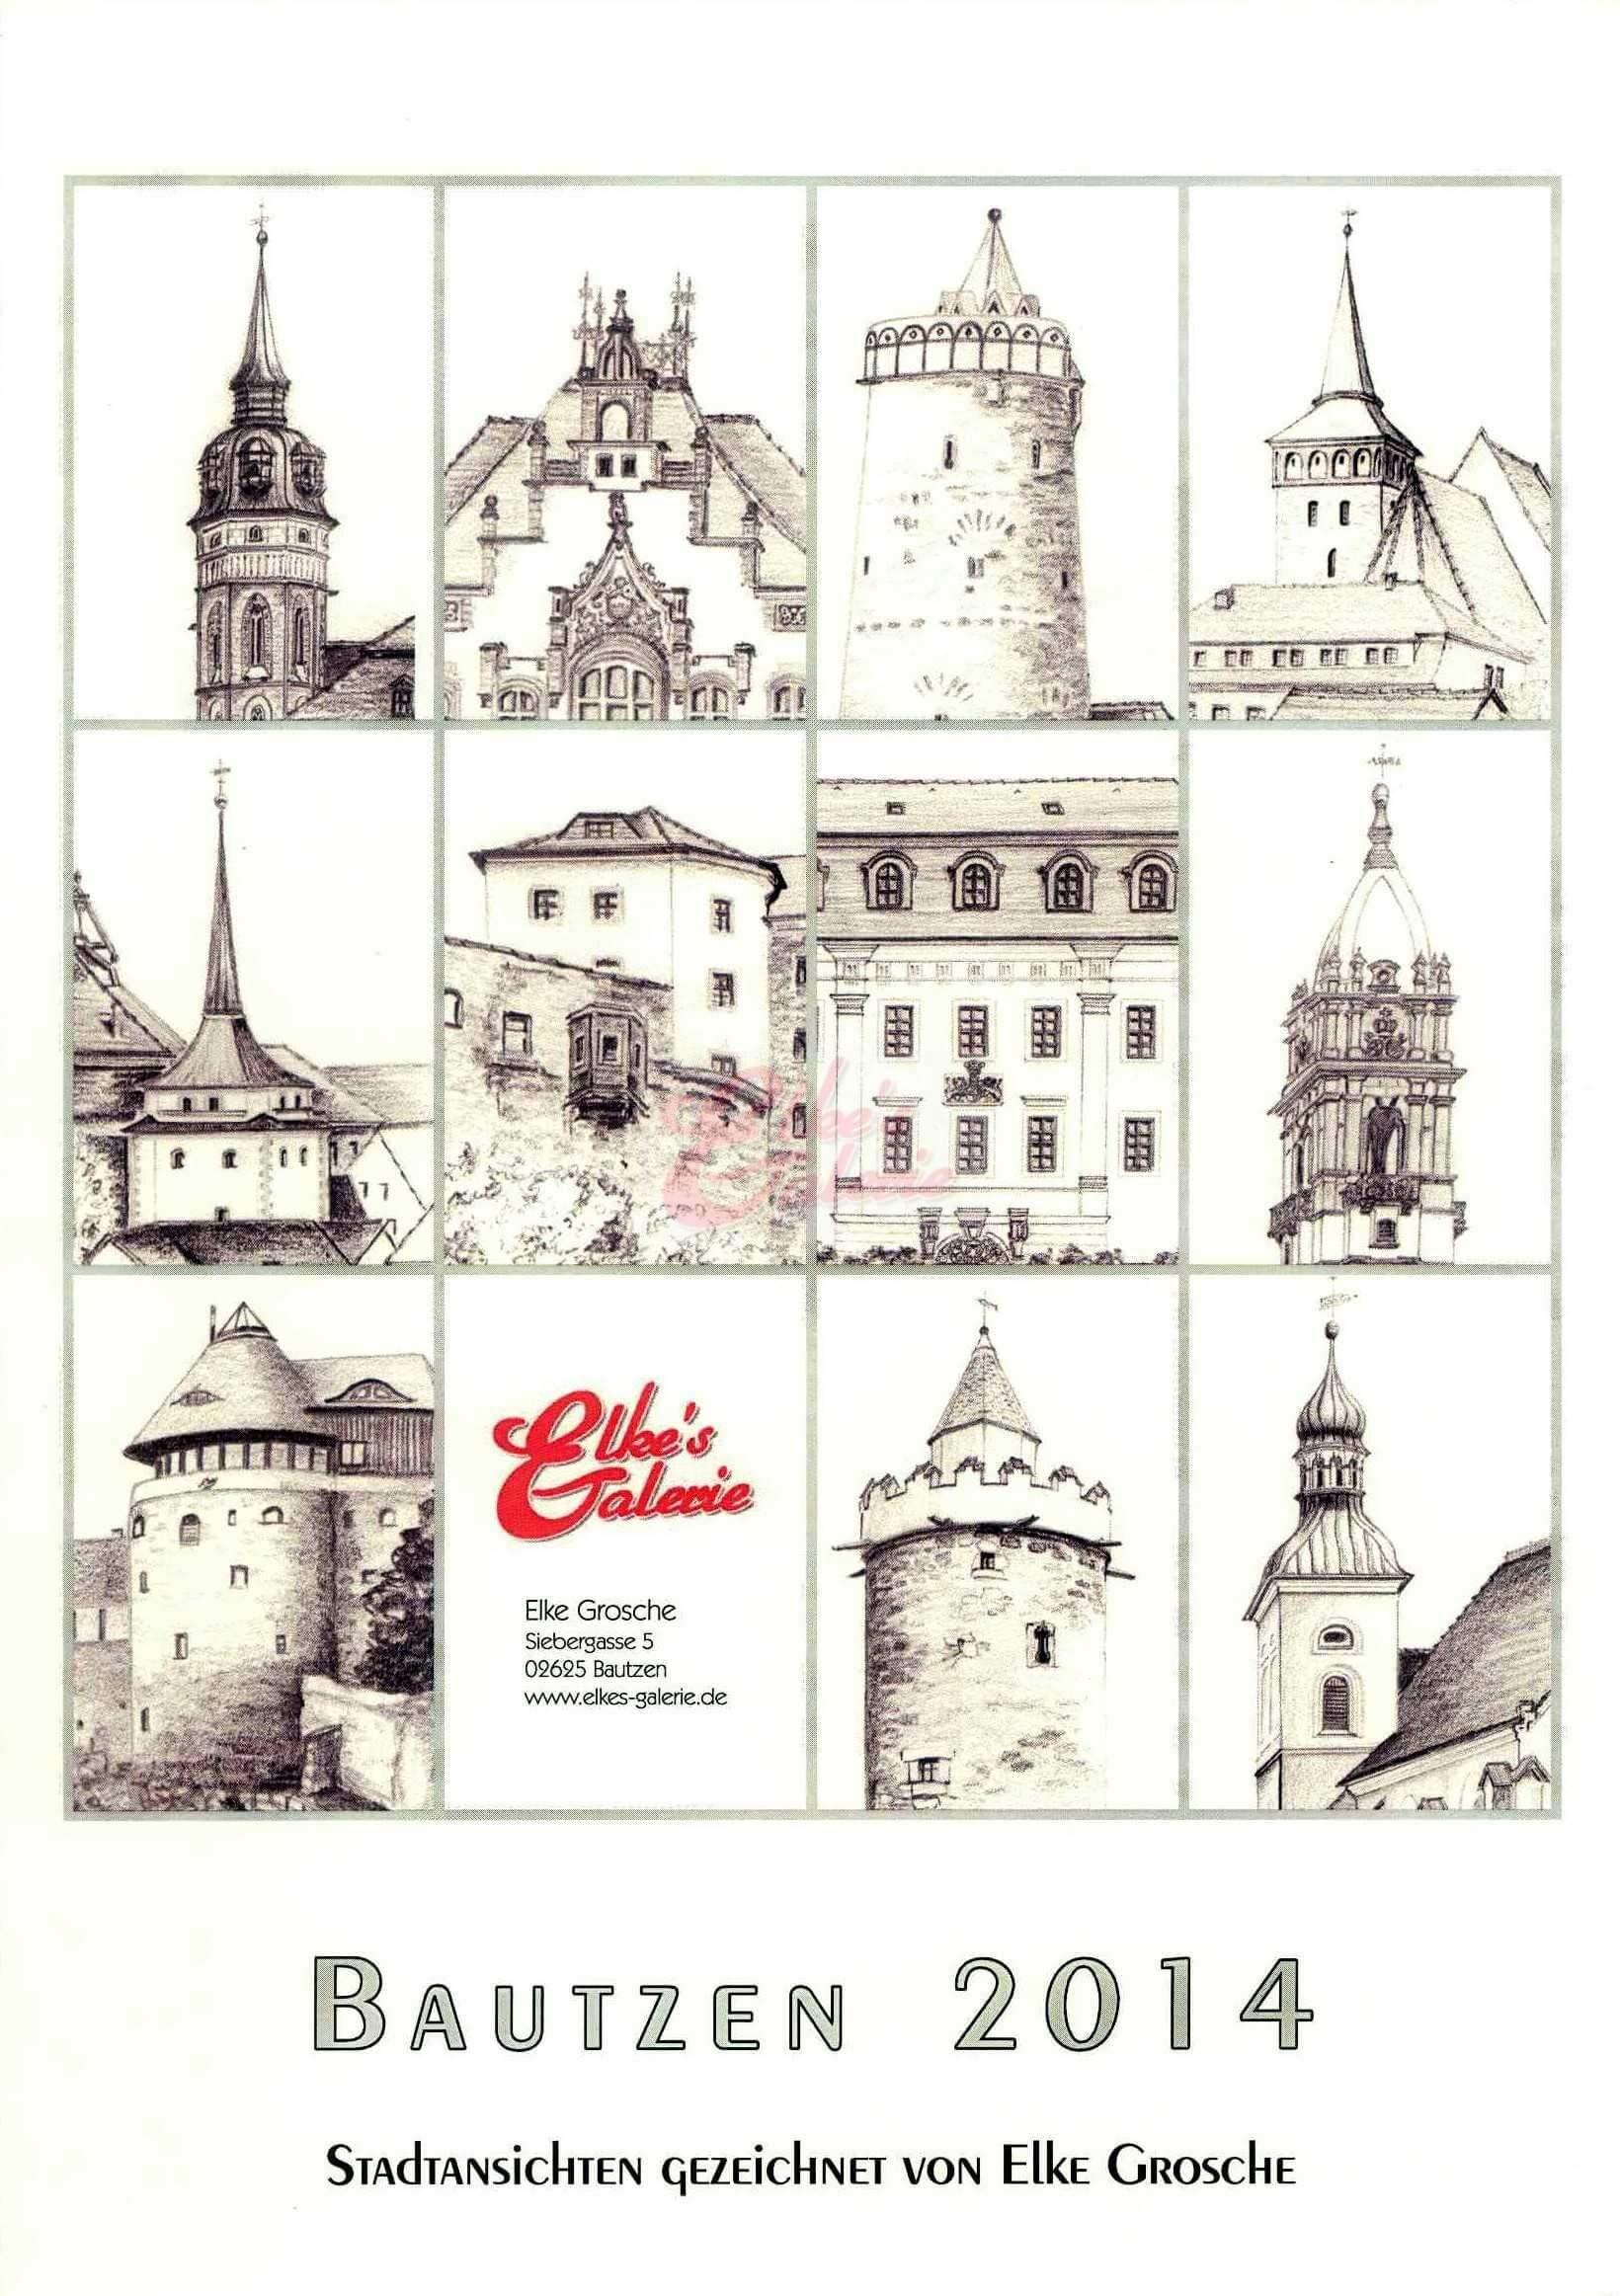 Bautzen Kalender 2014